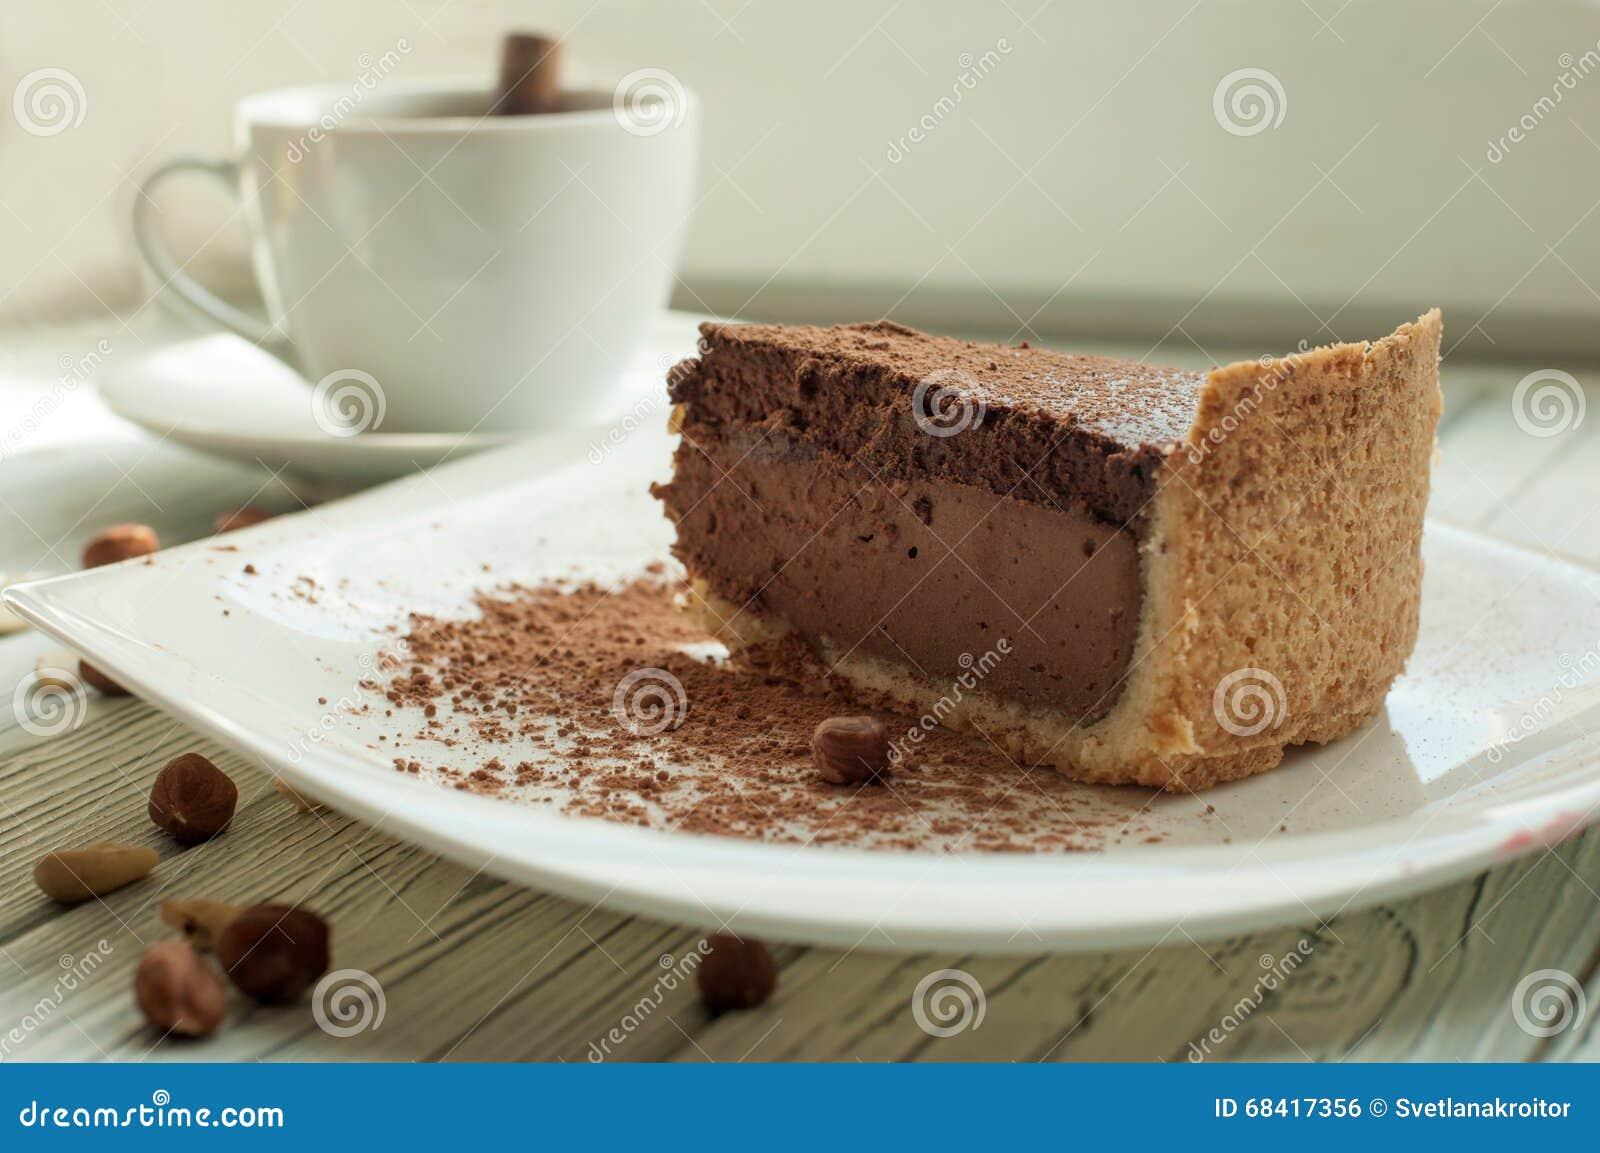 Μια σύνθεση με ένα φλυτζάνι του μαύρου καφέ και μια ειρήνη cheesecake σοκολάτας που διακοσμείται με τη σκόνη και τα καρύδια κακάο